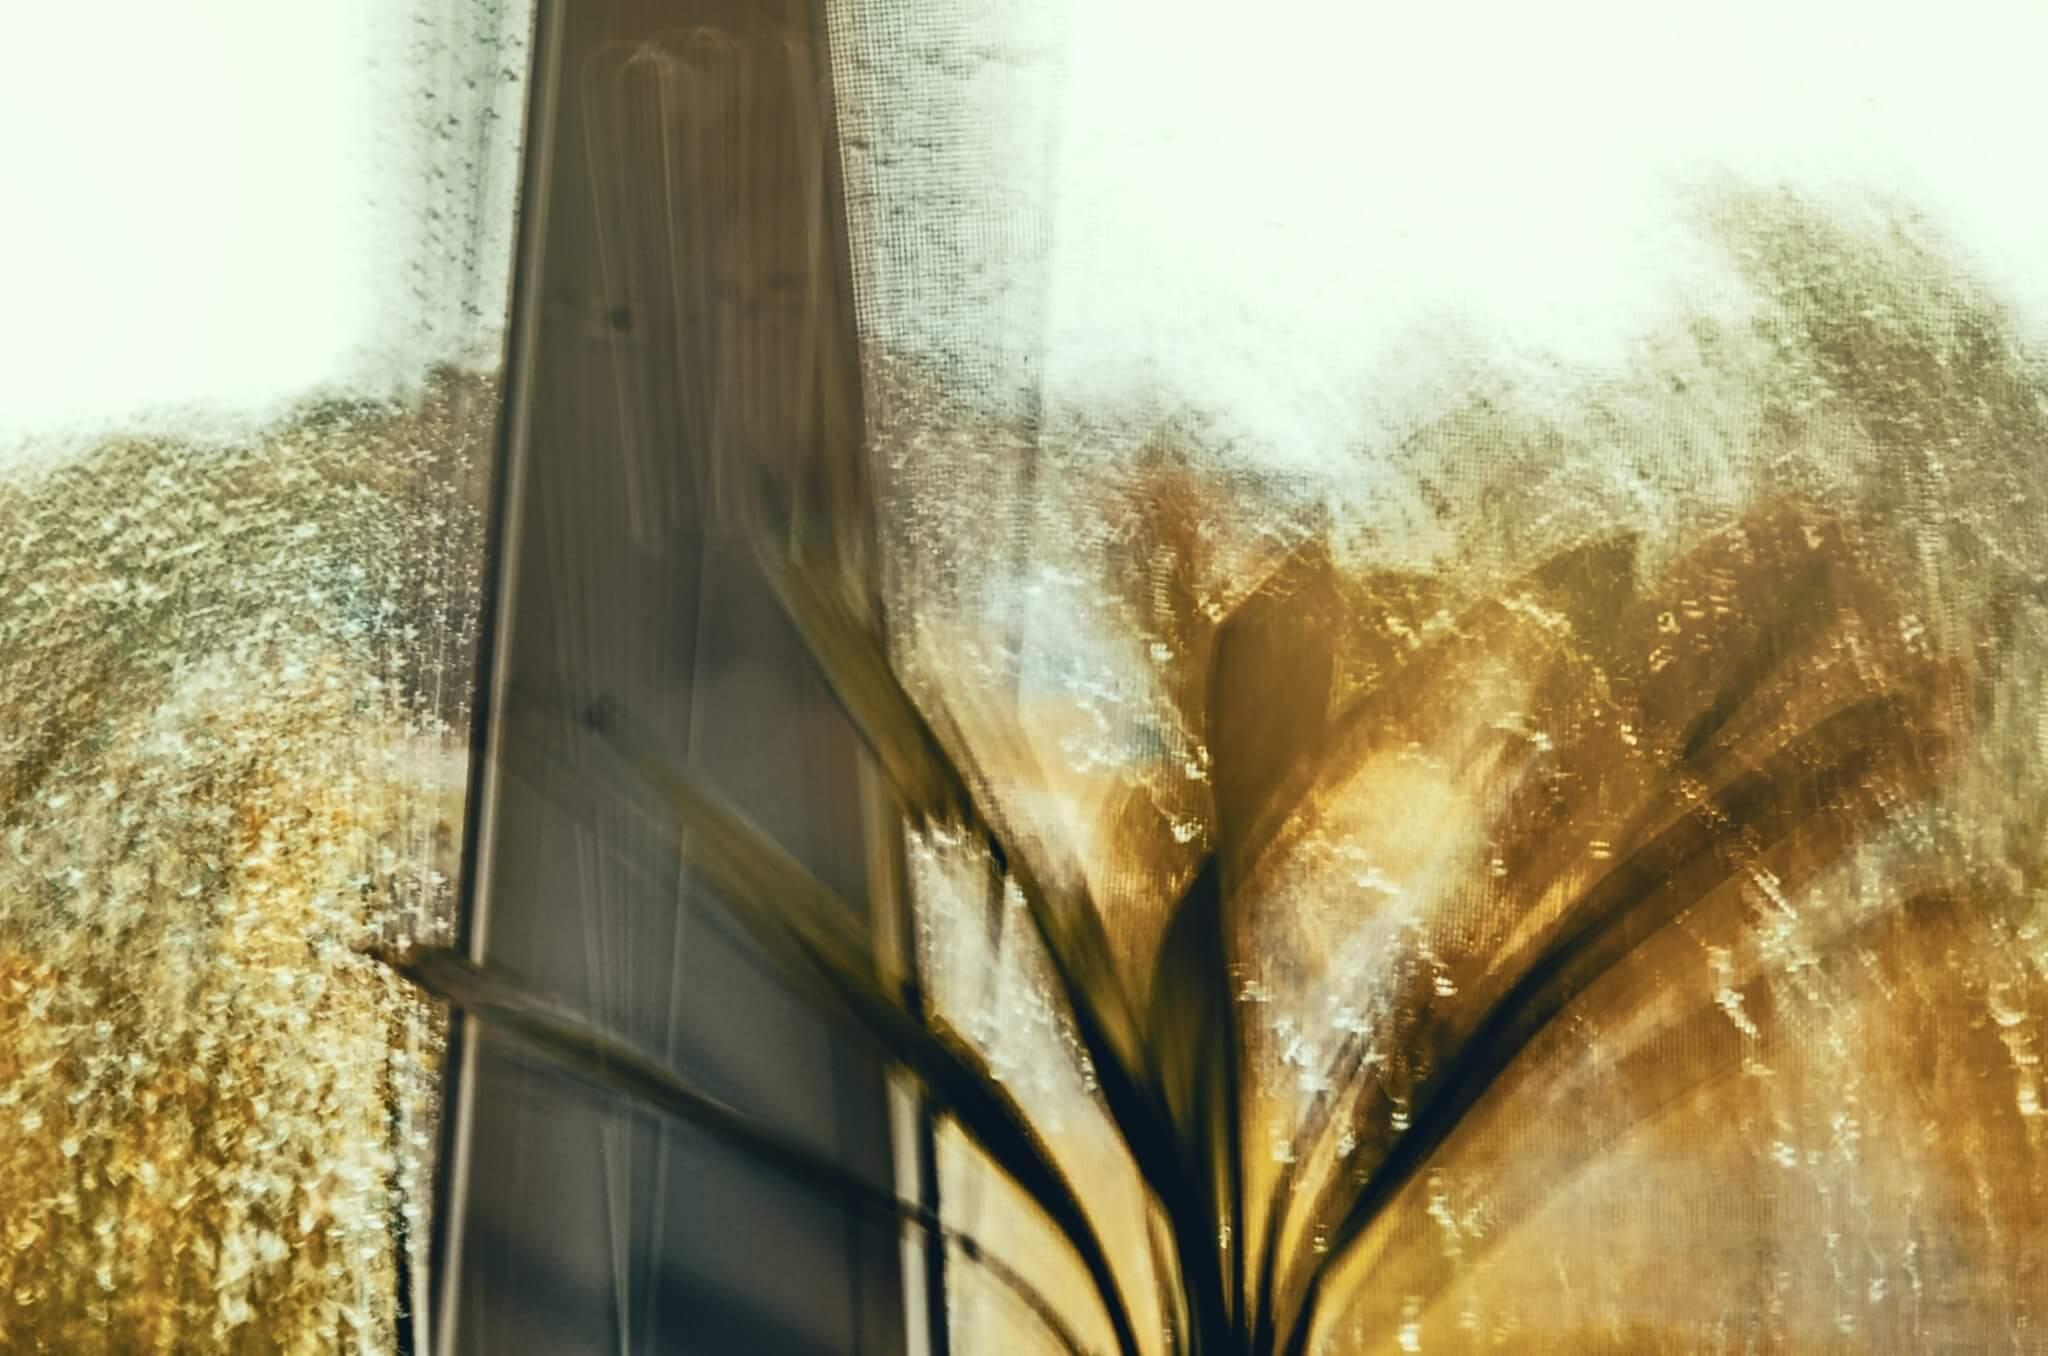 Vítězná fotografie 3. kola soutěže Fotka Nikonblogu 2021 na téma Pohyb ve fotografii | Občas zkouším díky dlouhému času vytvořit něco netradičního a dát například dynamiku pohybu i zdánlivě nepohyblivým a nebo tedy málo pohyblivým věcem jako je déšť za oknem | Foto Květačka Květa